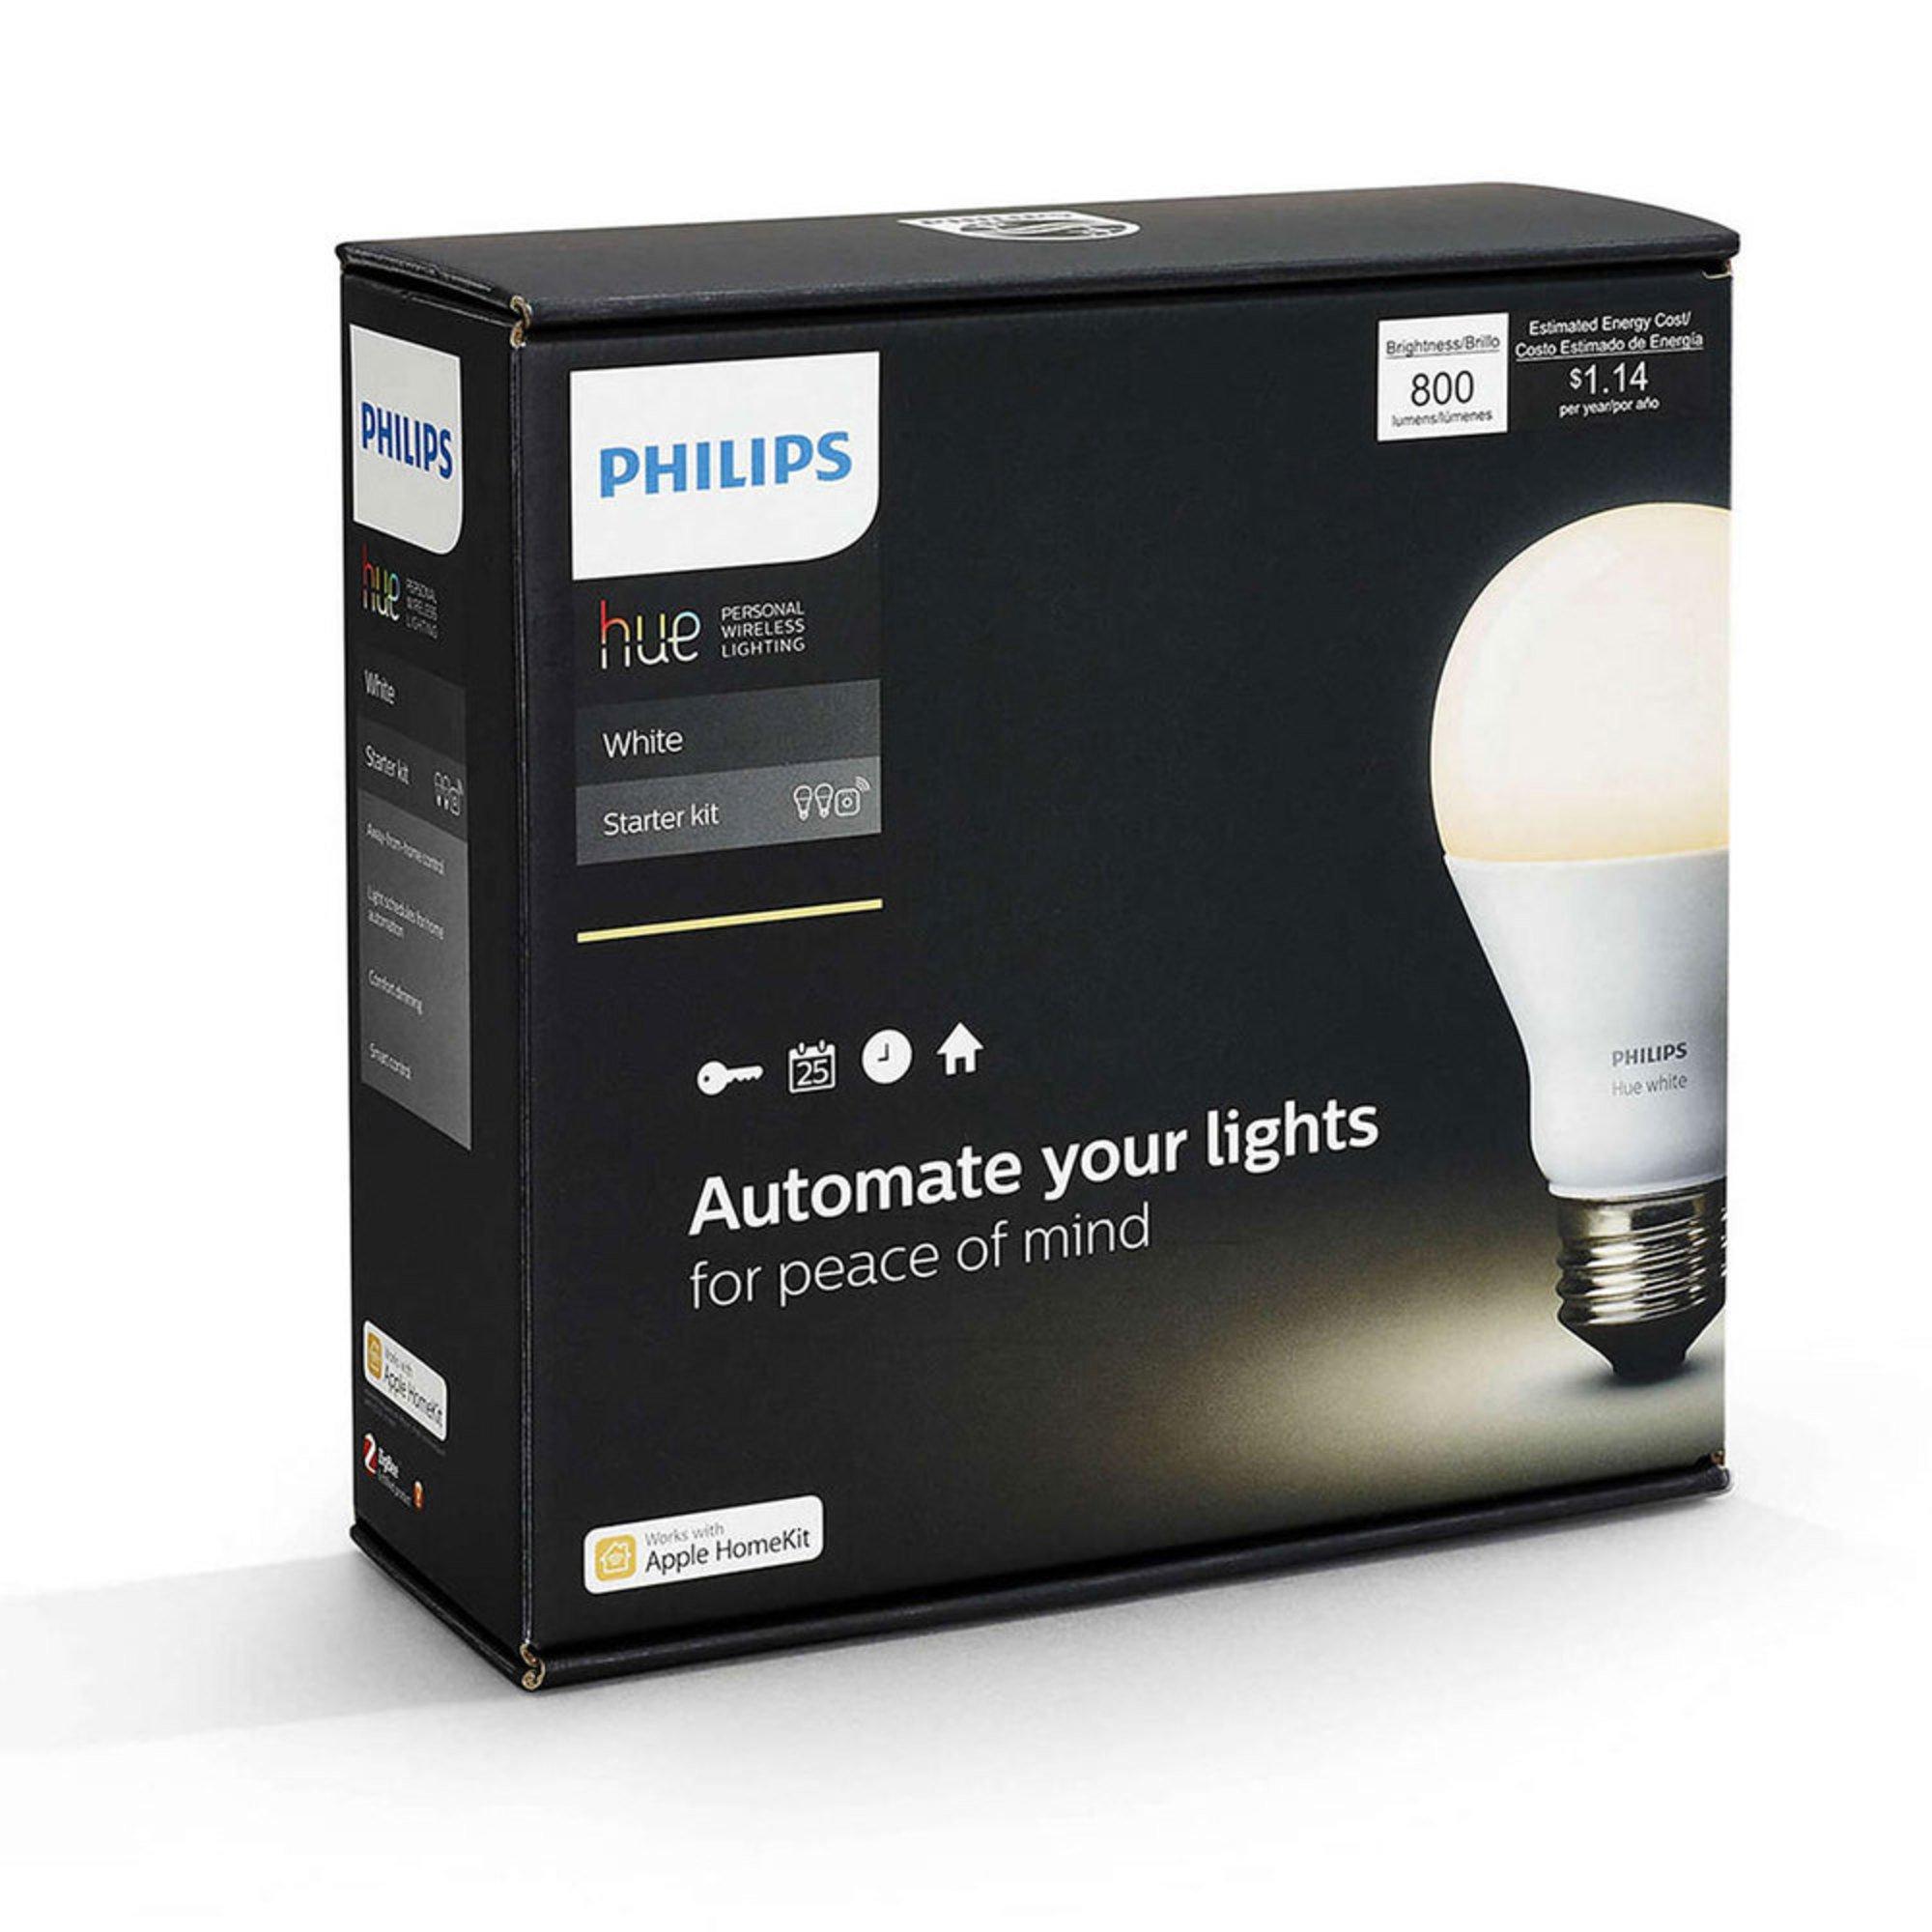 philips hue white a19 starter kit 455287 smart lighting electronics shop your navy. Black Bedroom Furniture Sets. Home Design Ideas